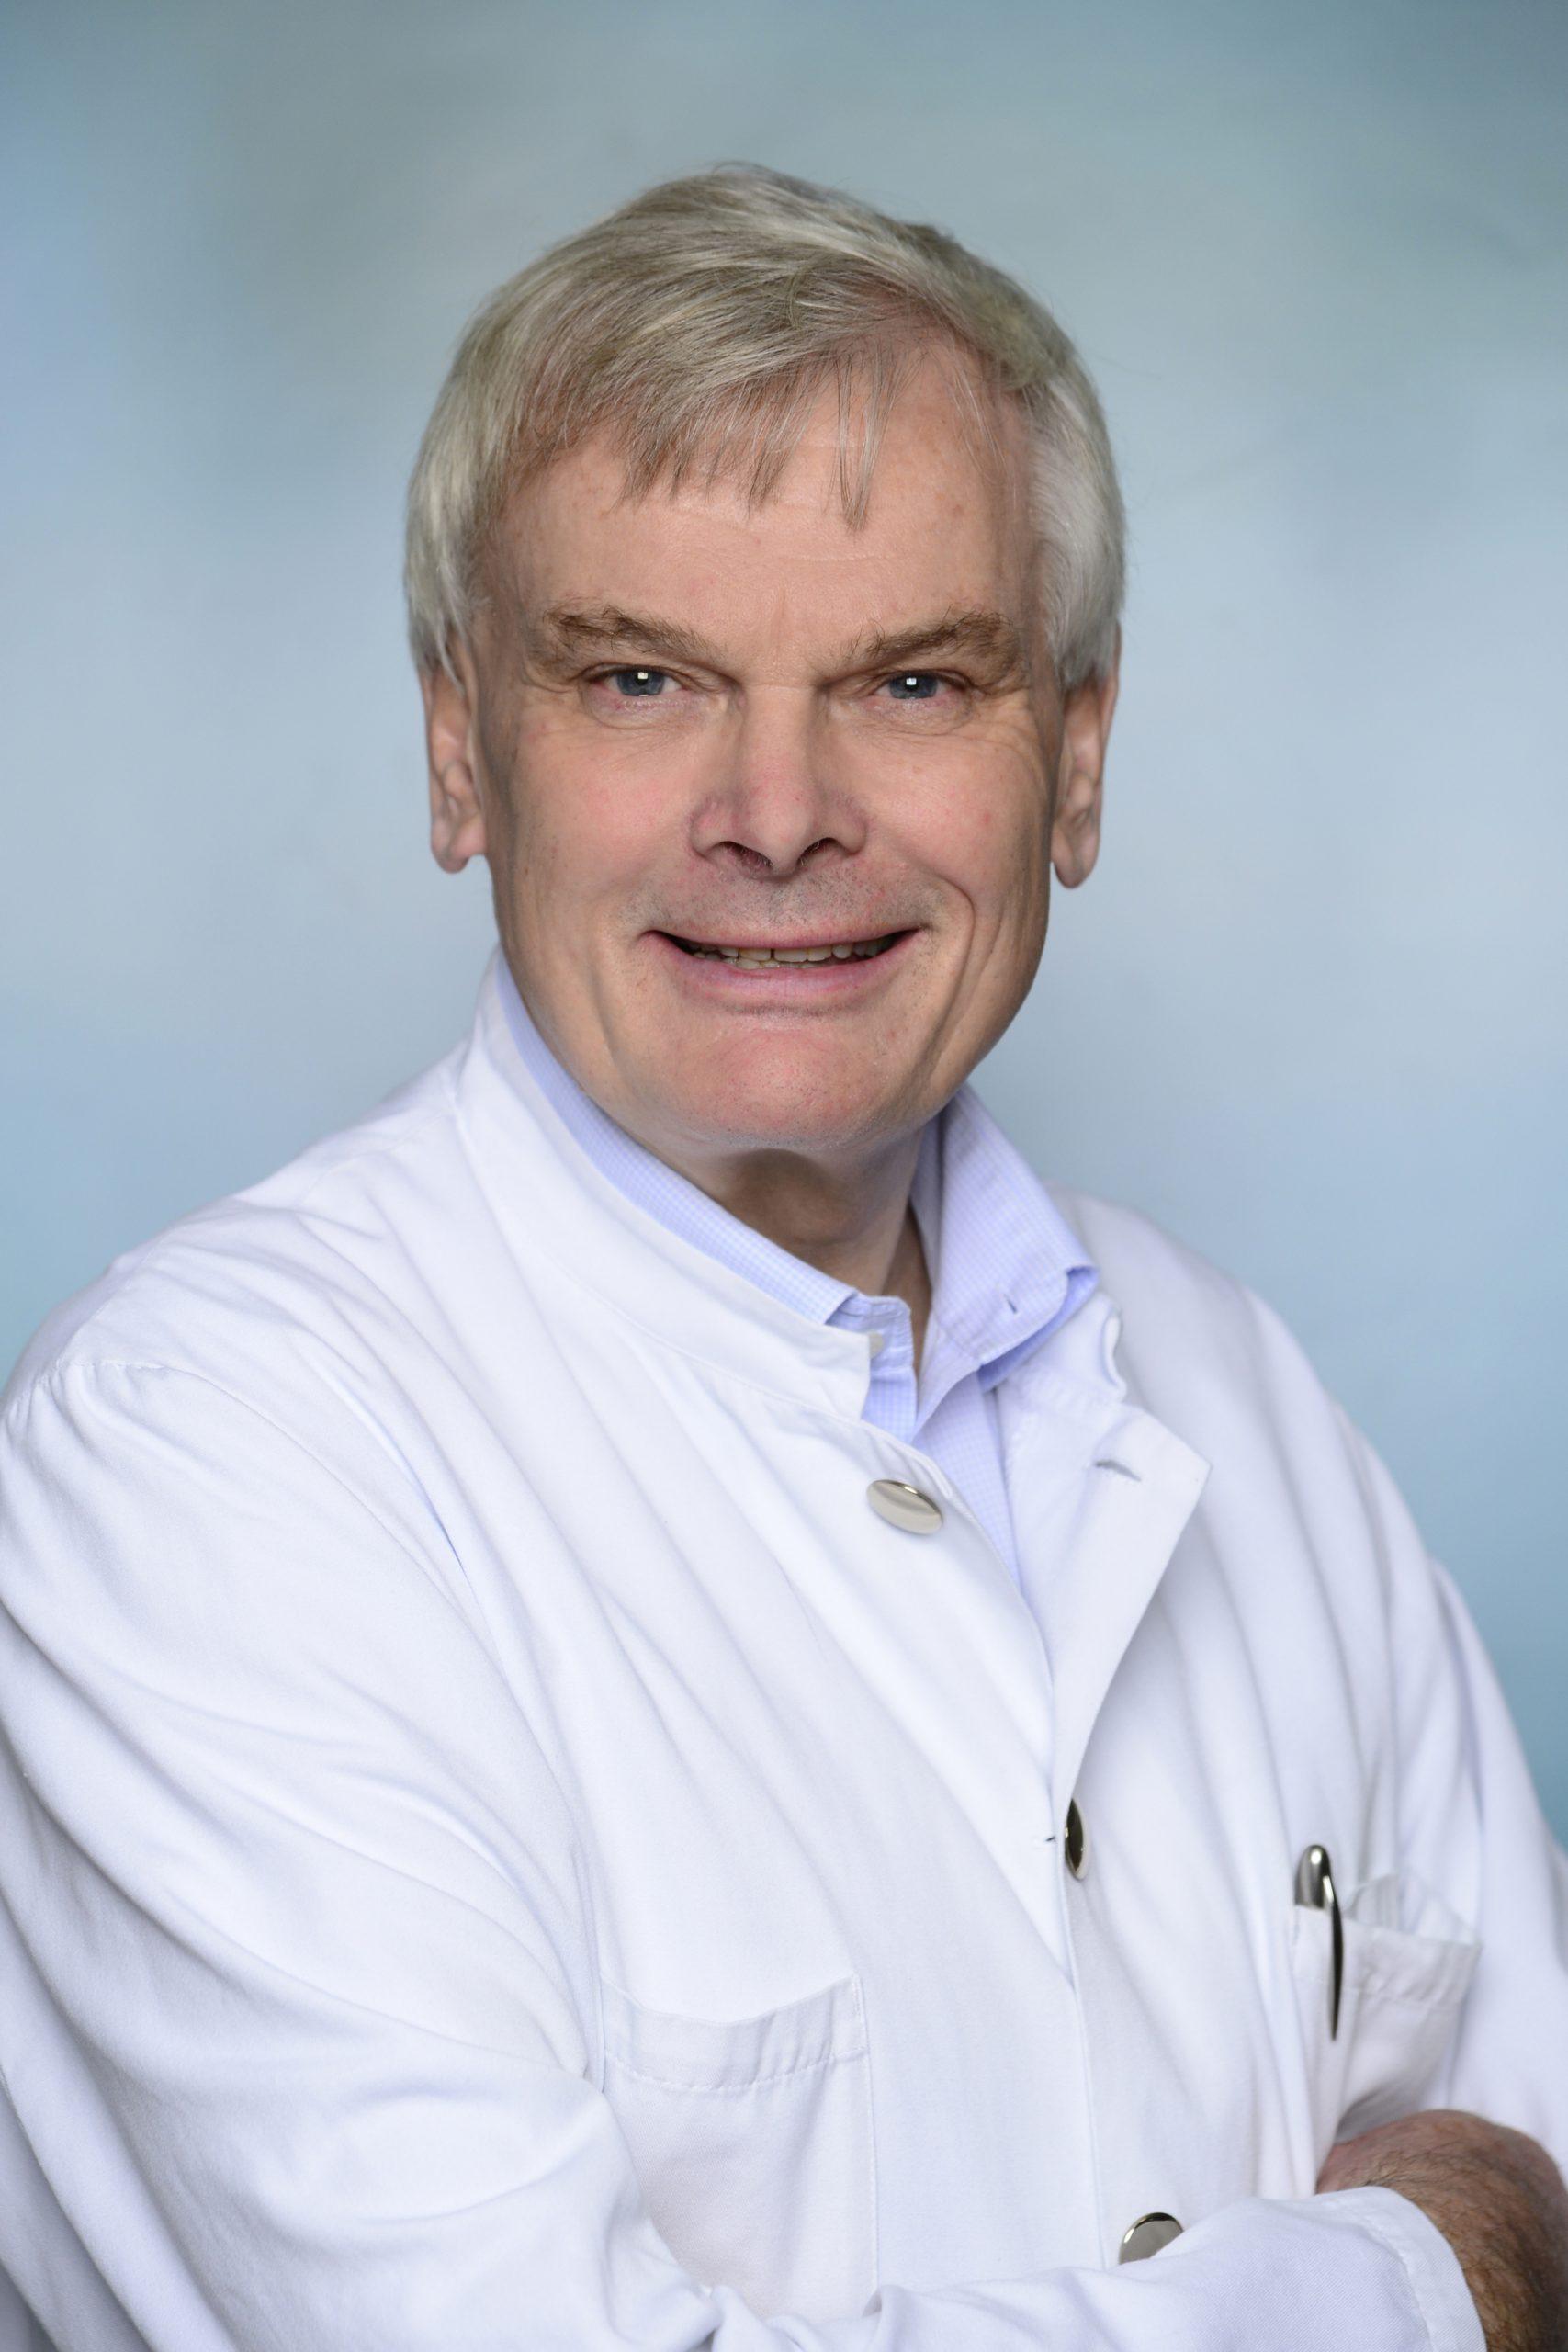 Asklepios -Prof. Dr. Walter Gross-Fengels Chefarzt Diagnostische und Interventionelle Radiologie Neruoradiologie im Asklepios Klinikum Harburg verabschiedet sich nach 28 Jahren als Chefarzt in den Ruhestand